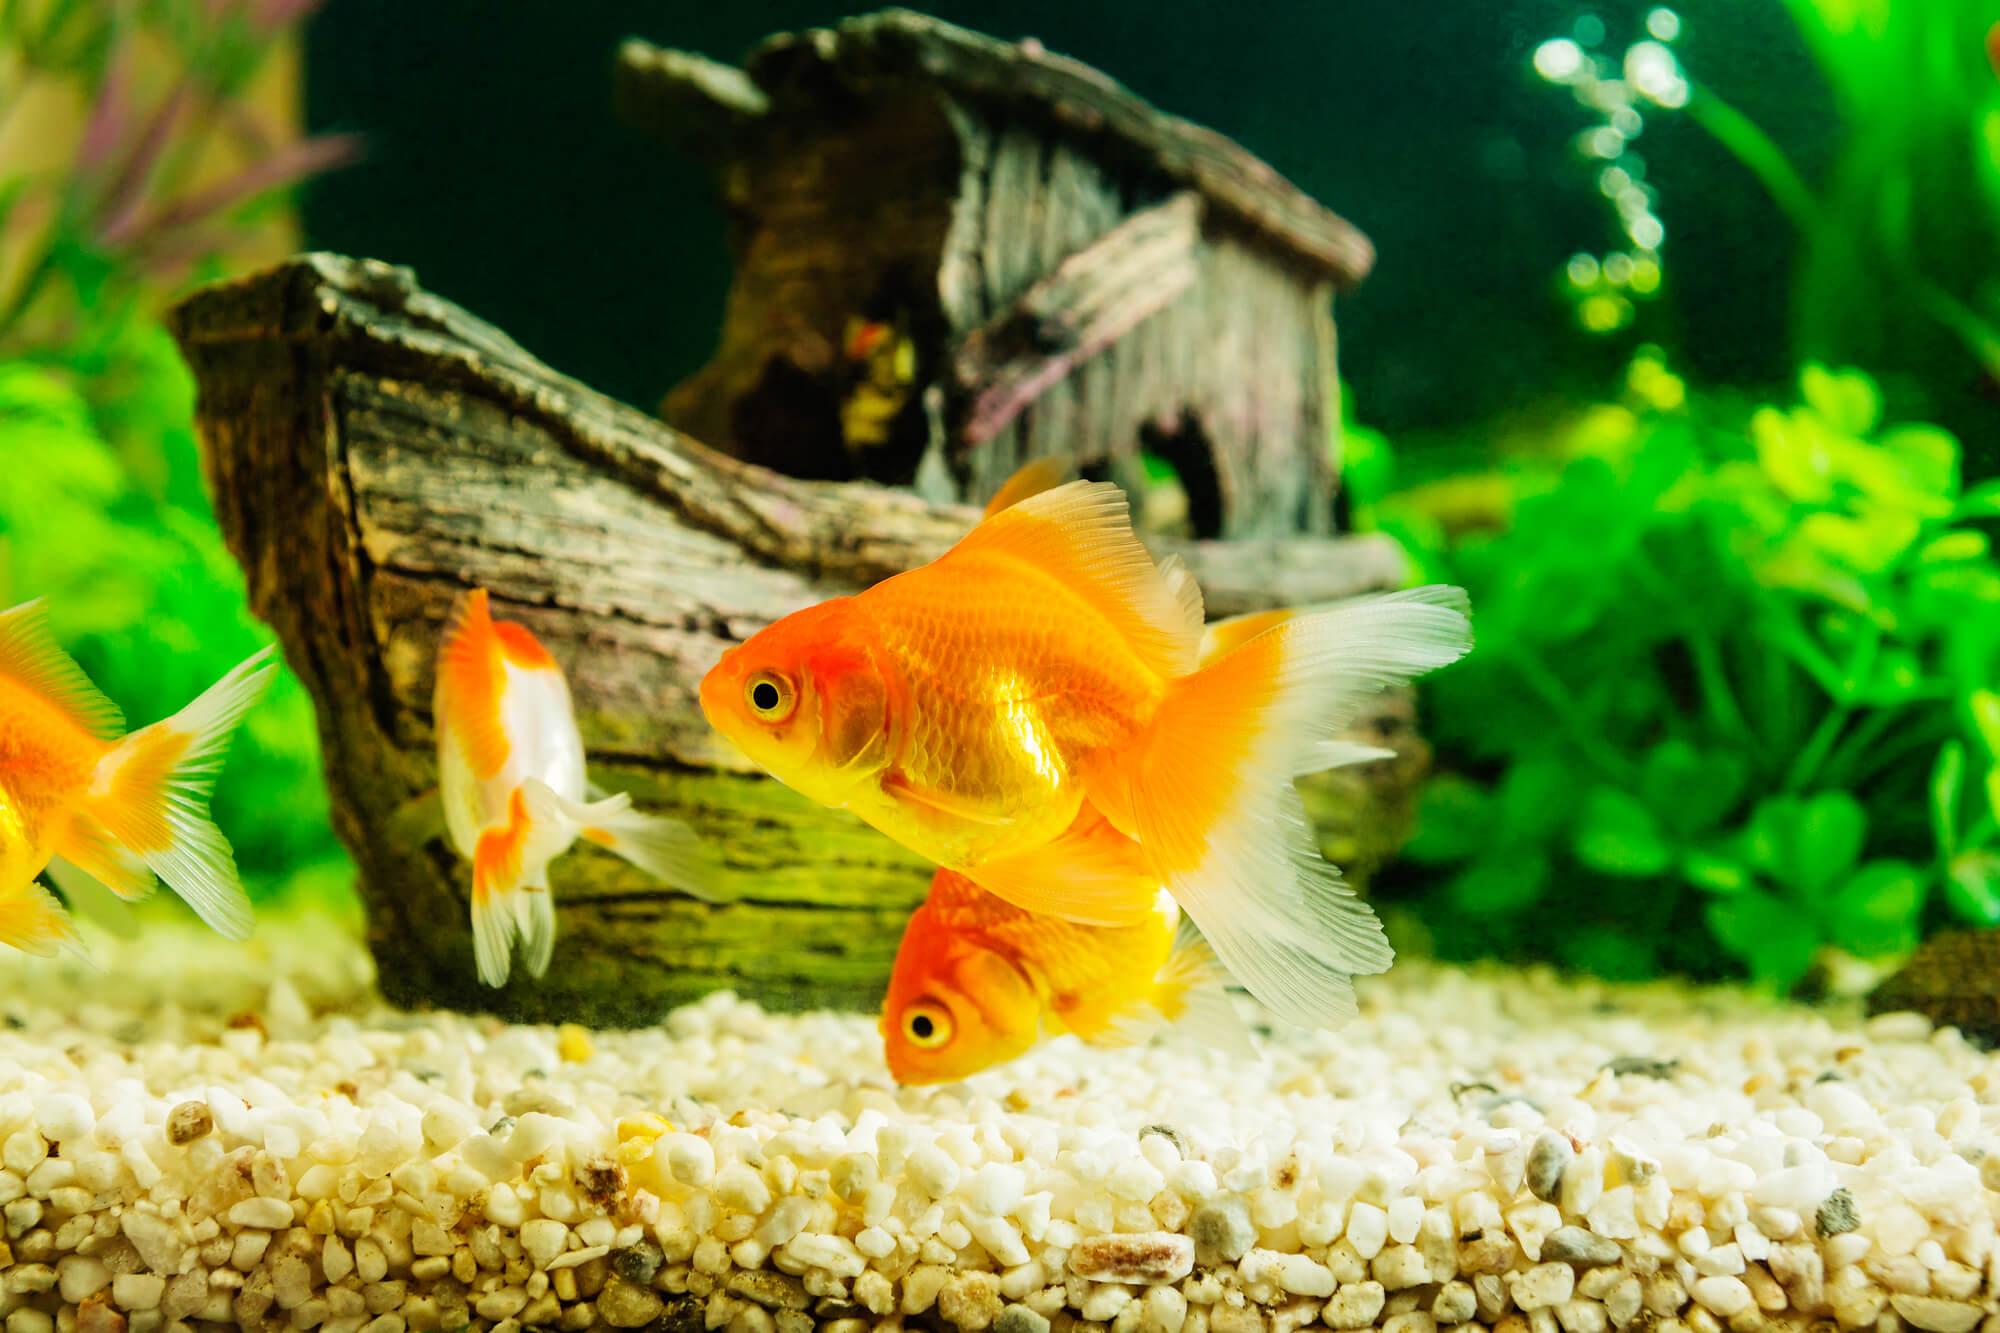 水槽にいる金魚